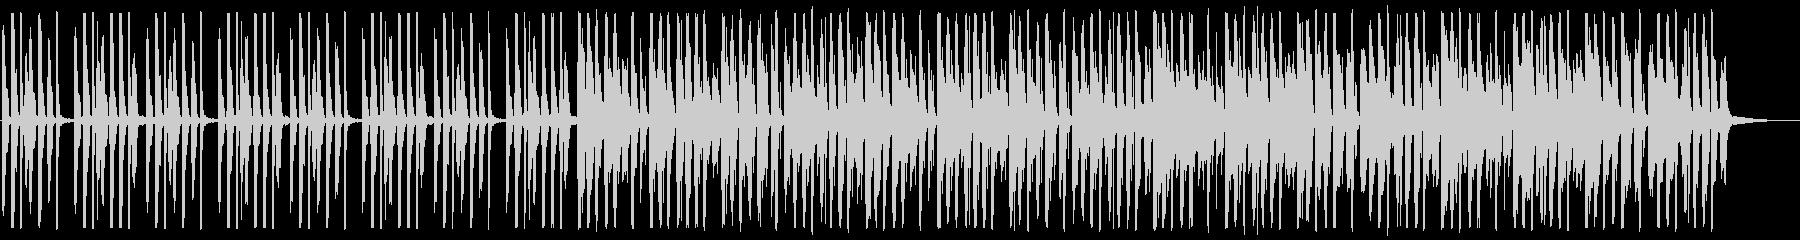 アーバン/優しさ/R&B_No468_3の未再生の波形